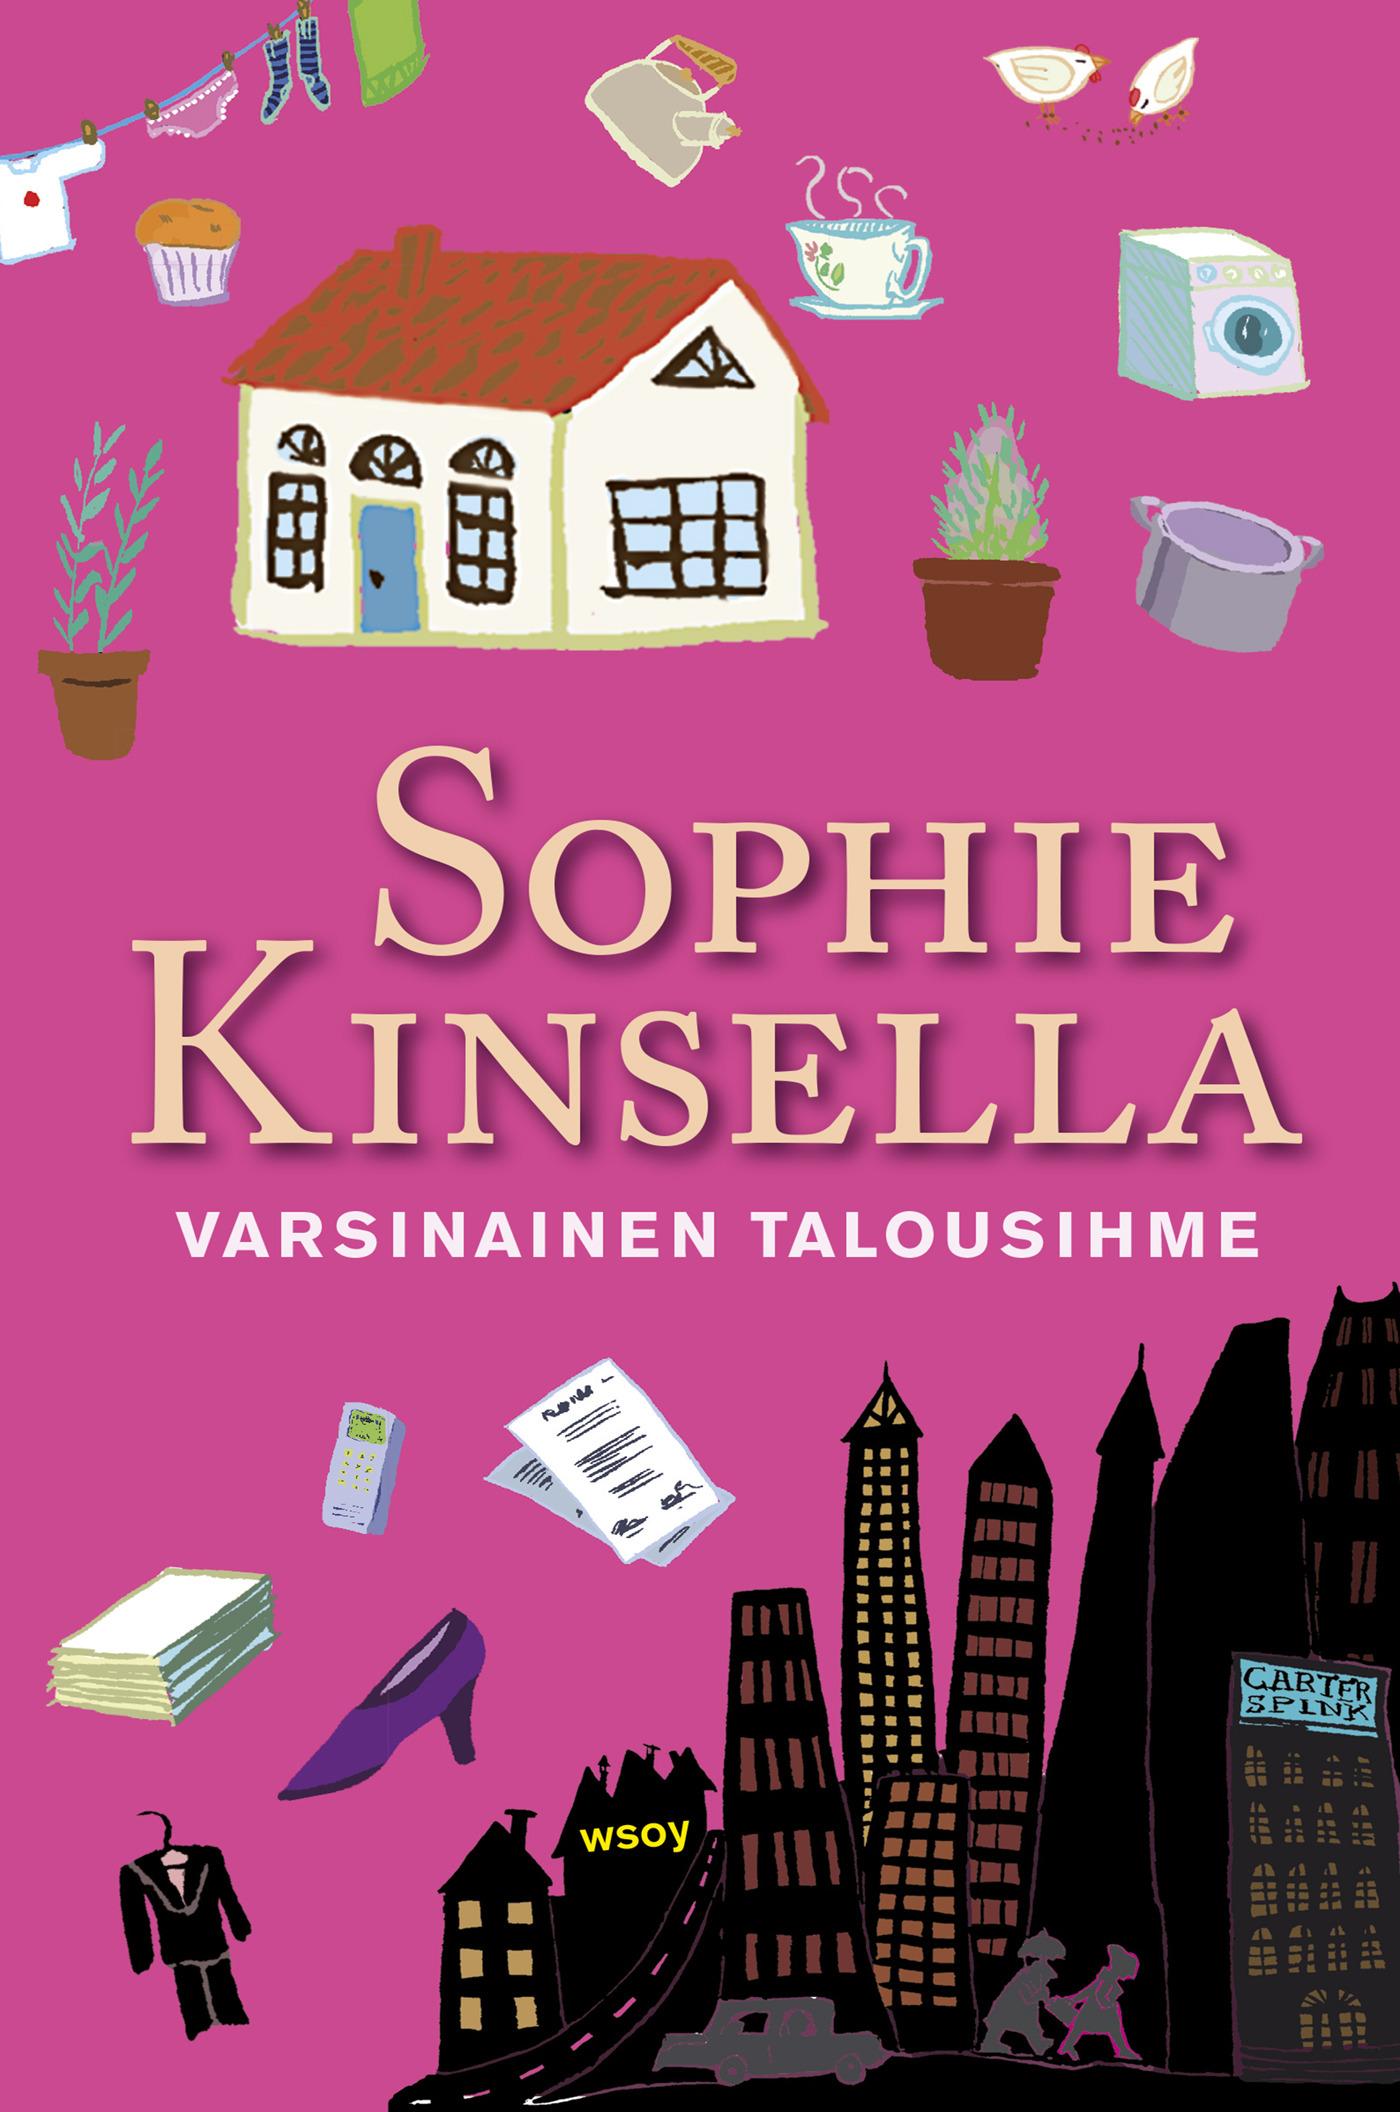 Kinsella, Sophie - Varsinainen talousihme, e-kirja